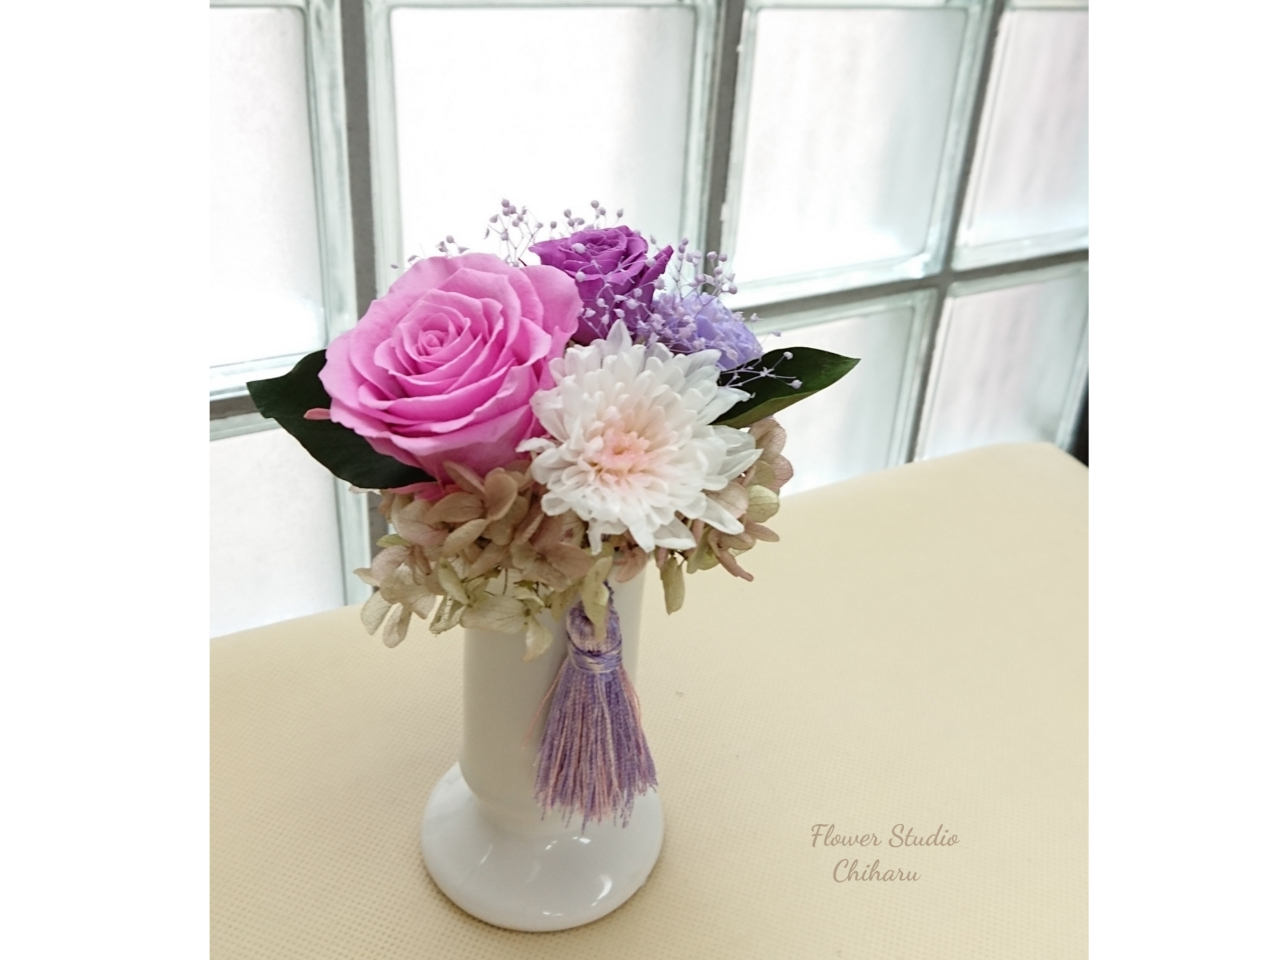 【ハンドメイド1Dayレッスン】プリザで作る枯れない仏花